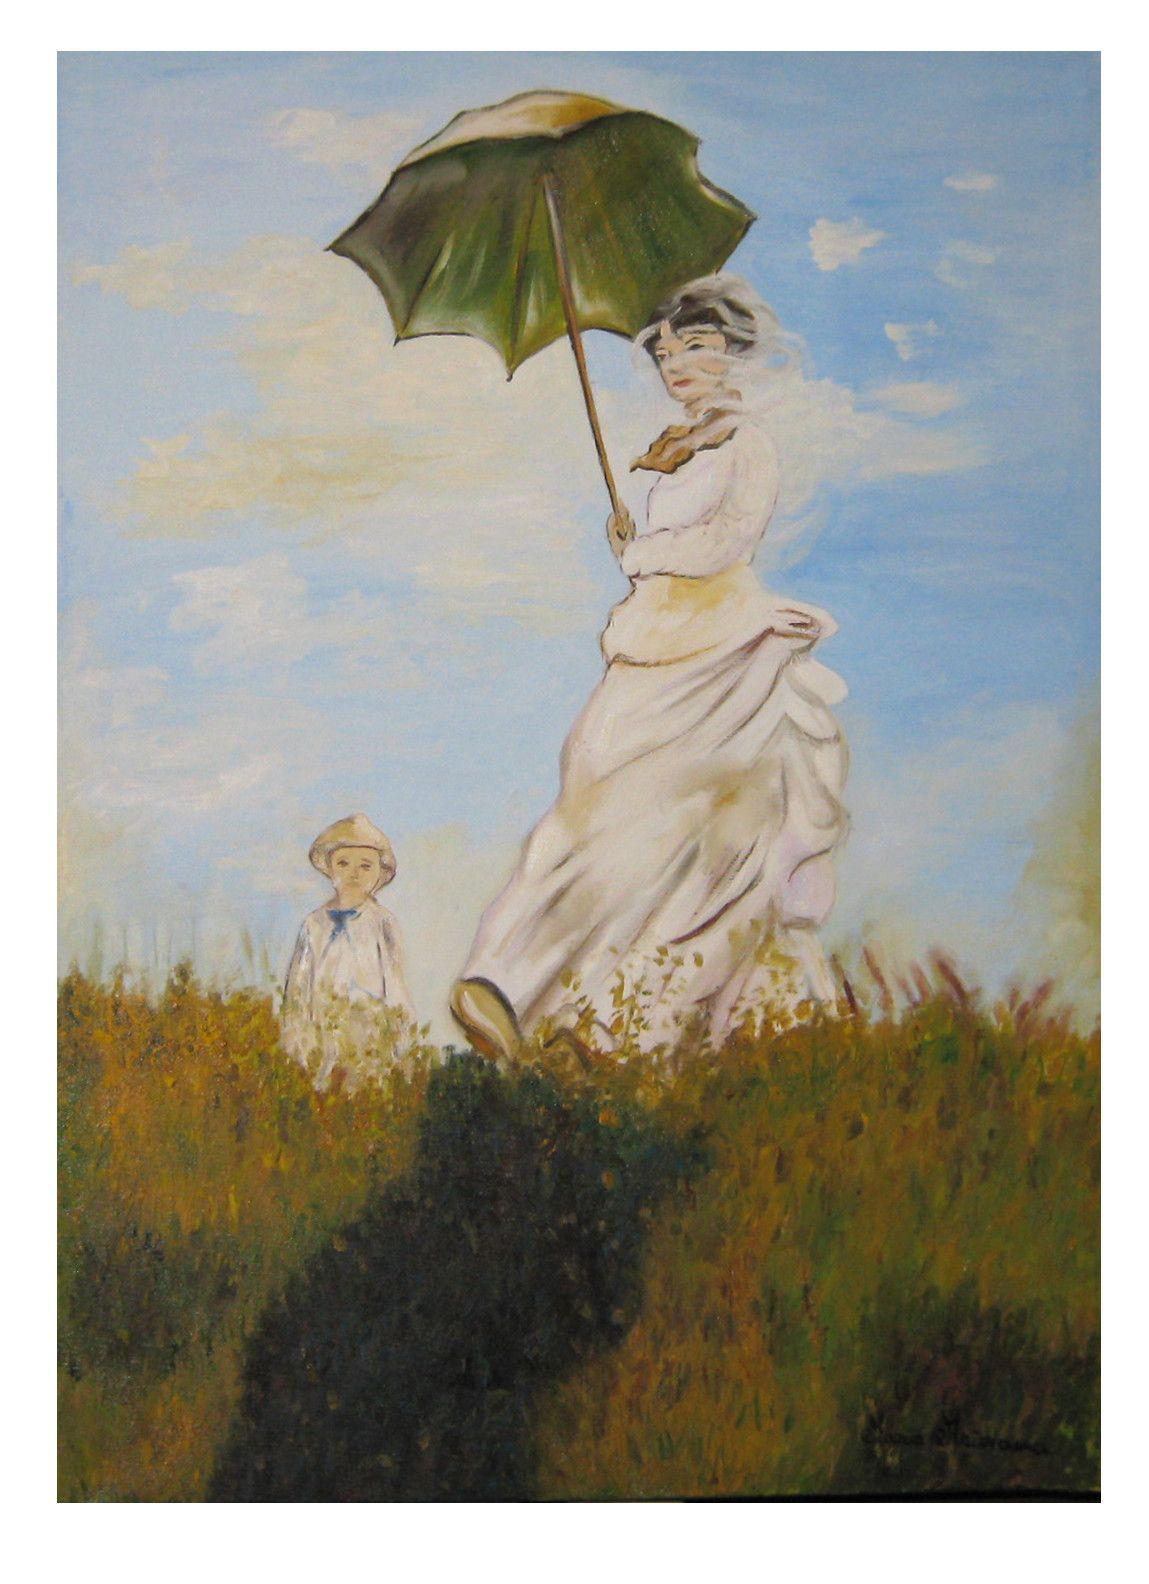 Passeggiata con figlio - Copia di Claude Monet